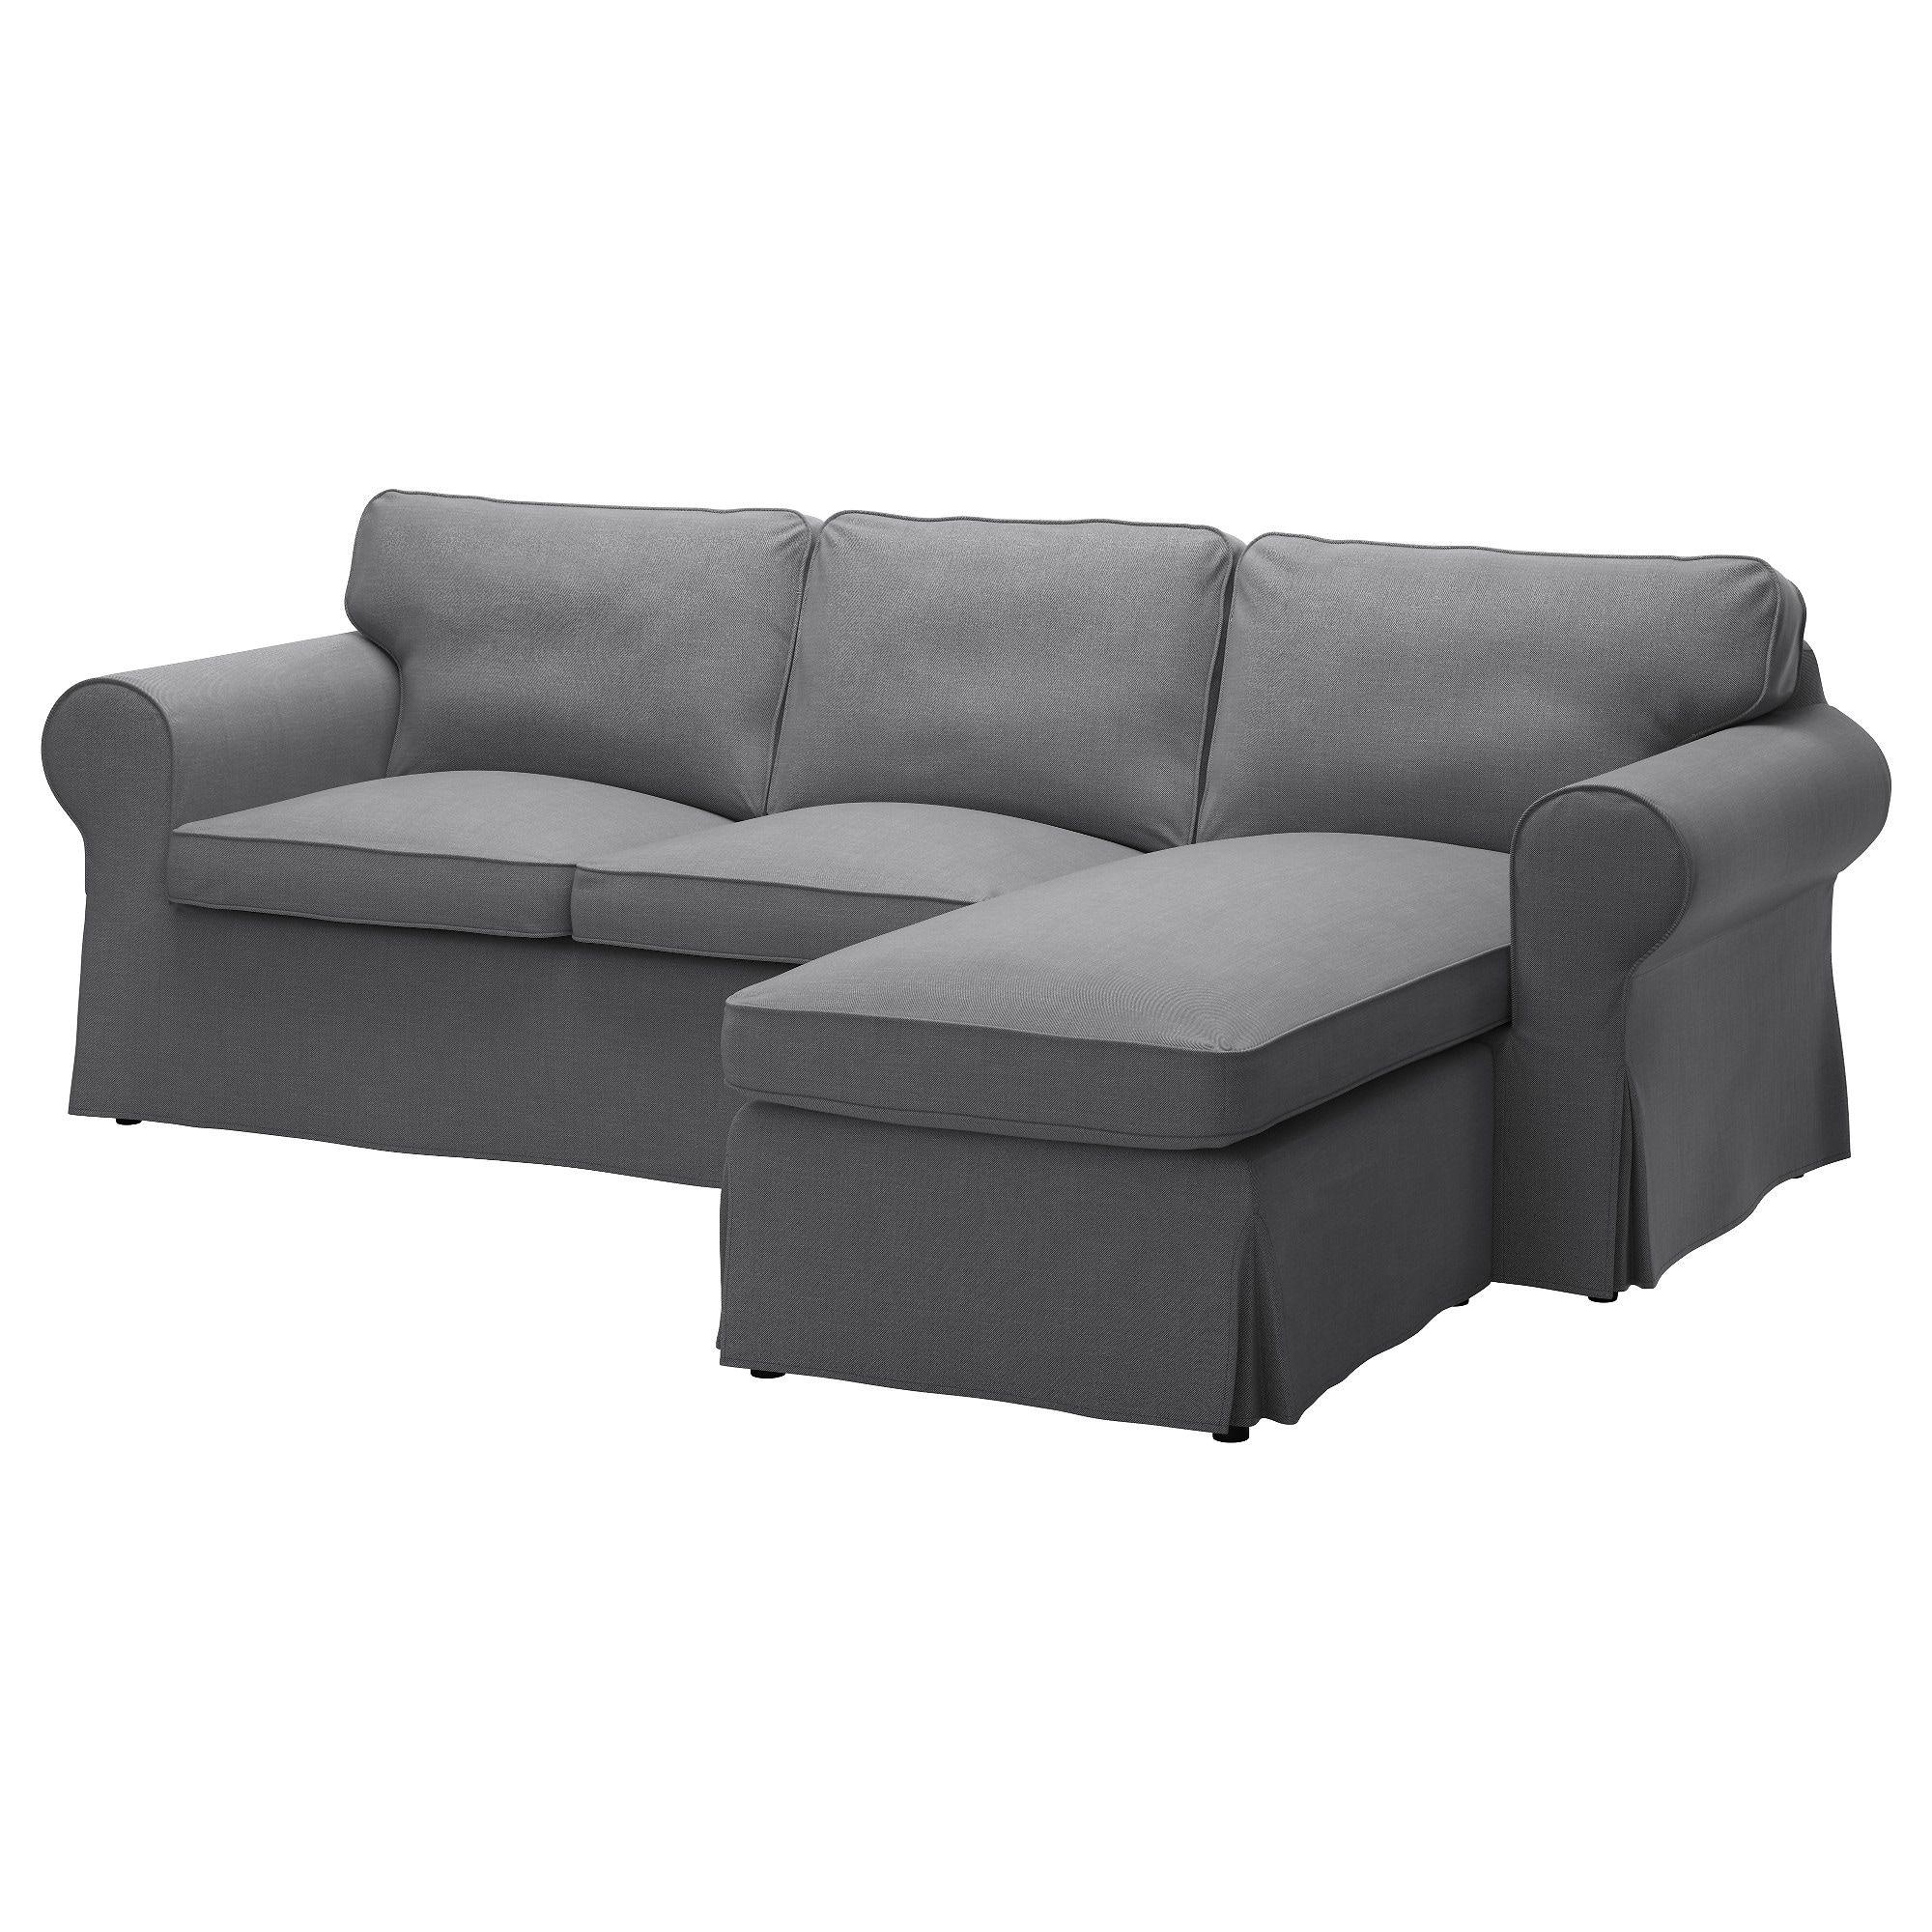 Ektorp Sofa With Chaise Vittaryd Vittaryd White Ektorp Sofa